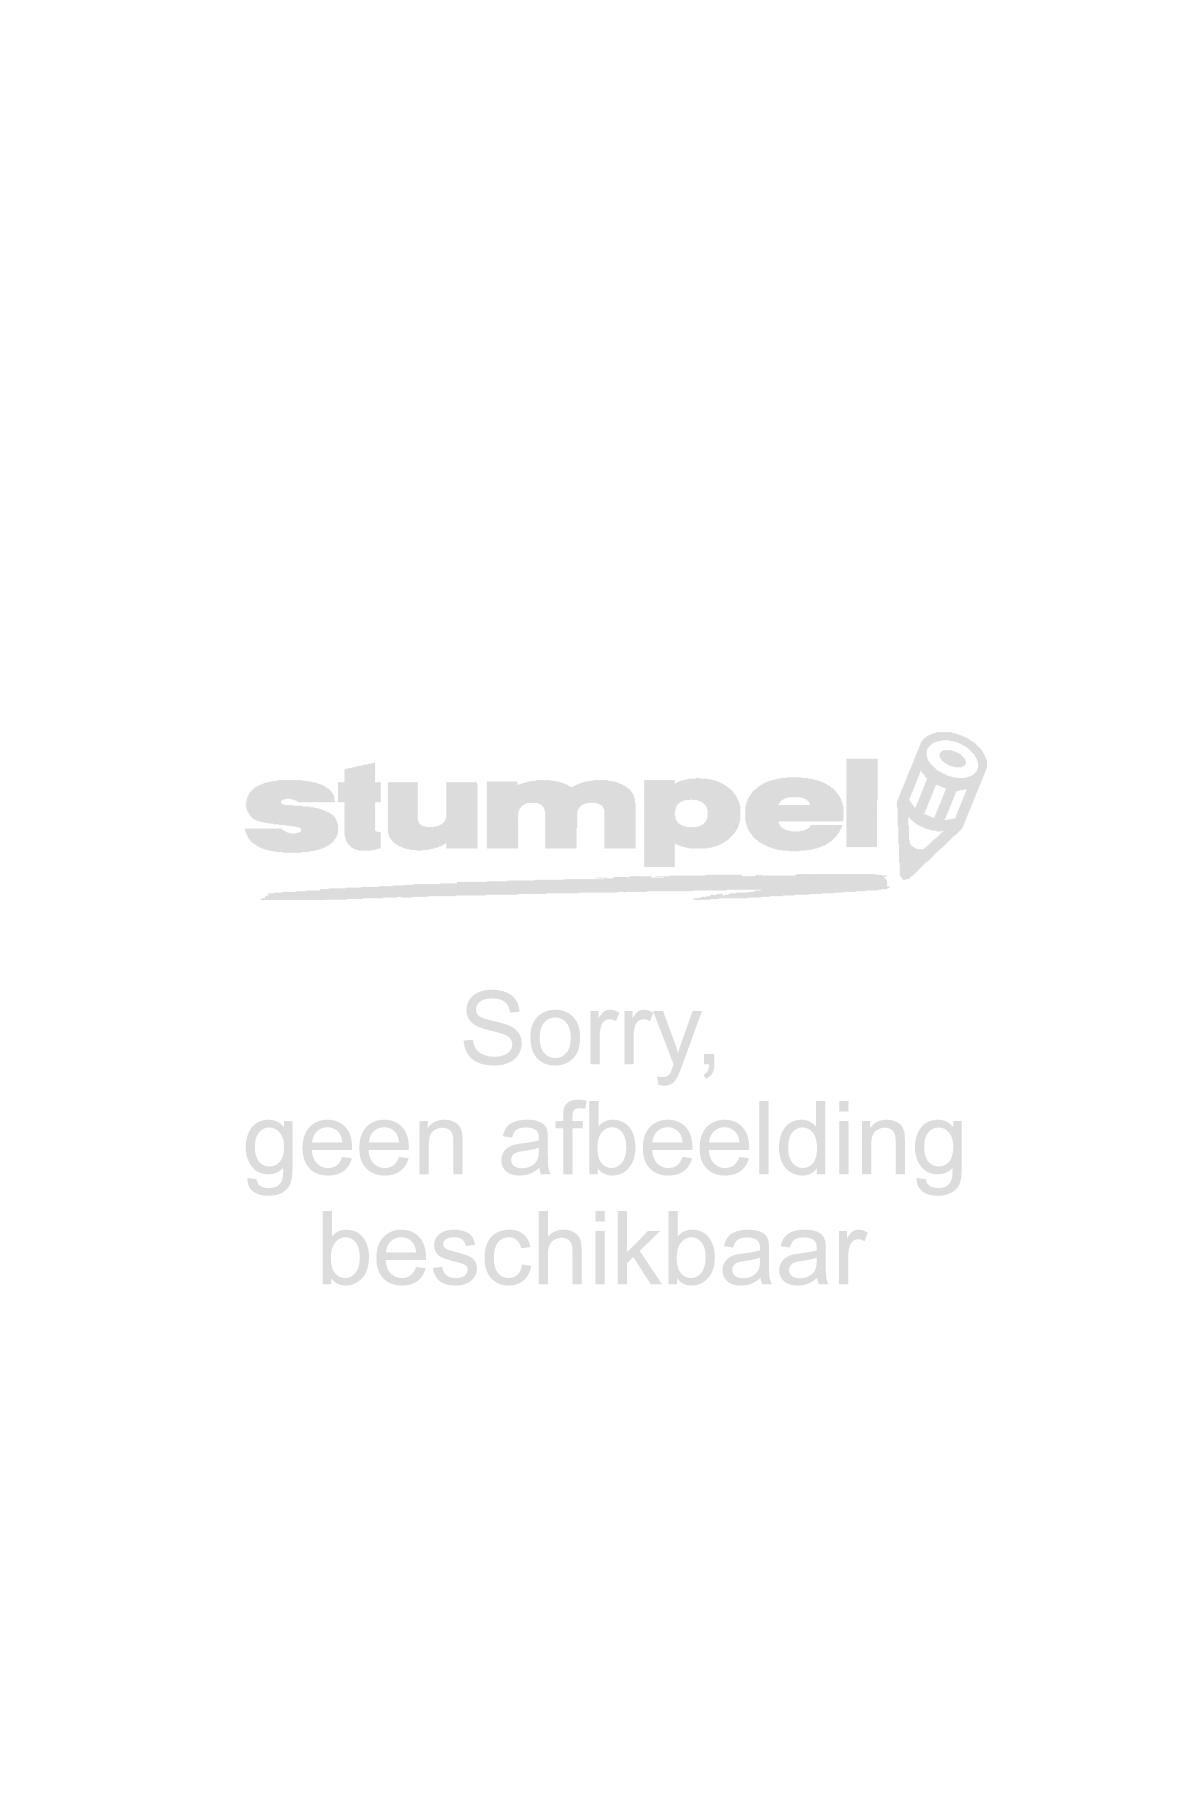 legami-notitieboek-met-spiraalbinding-a4-be-free-10807090